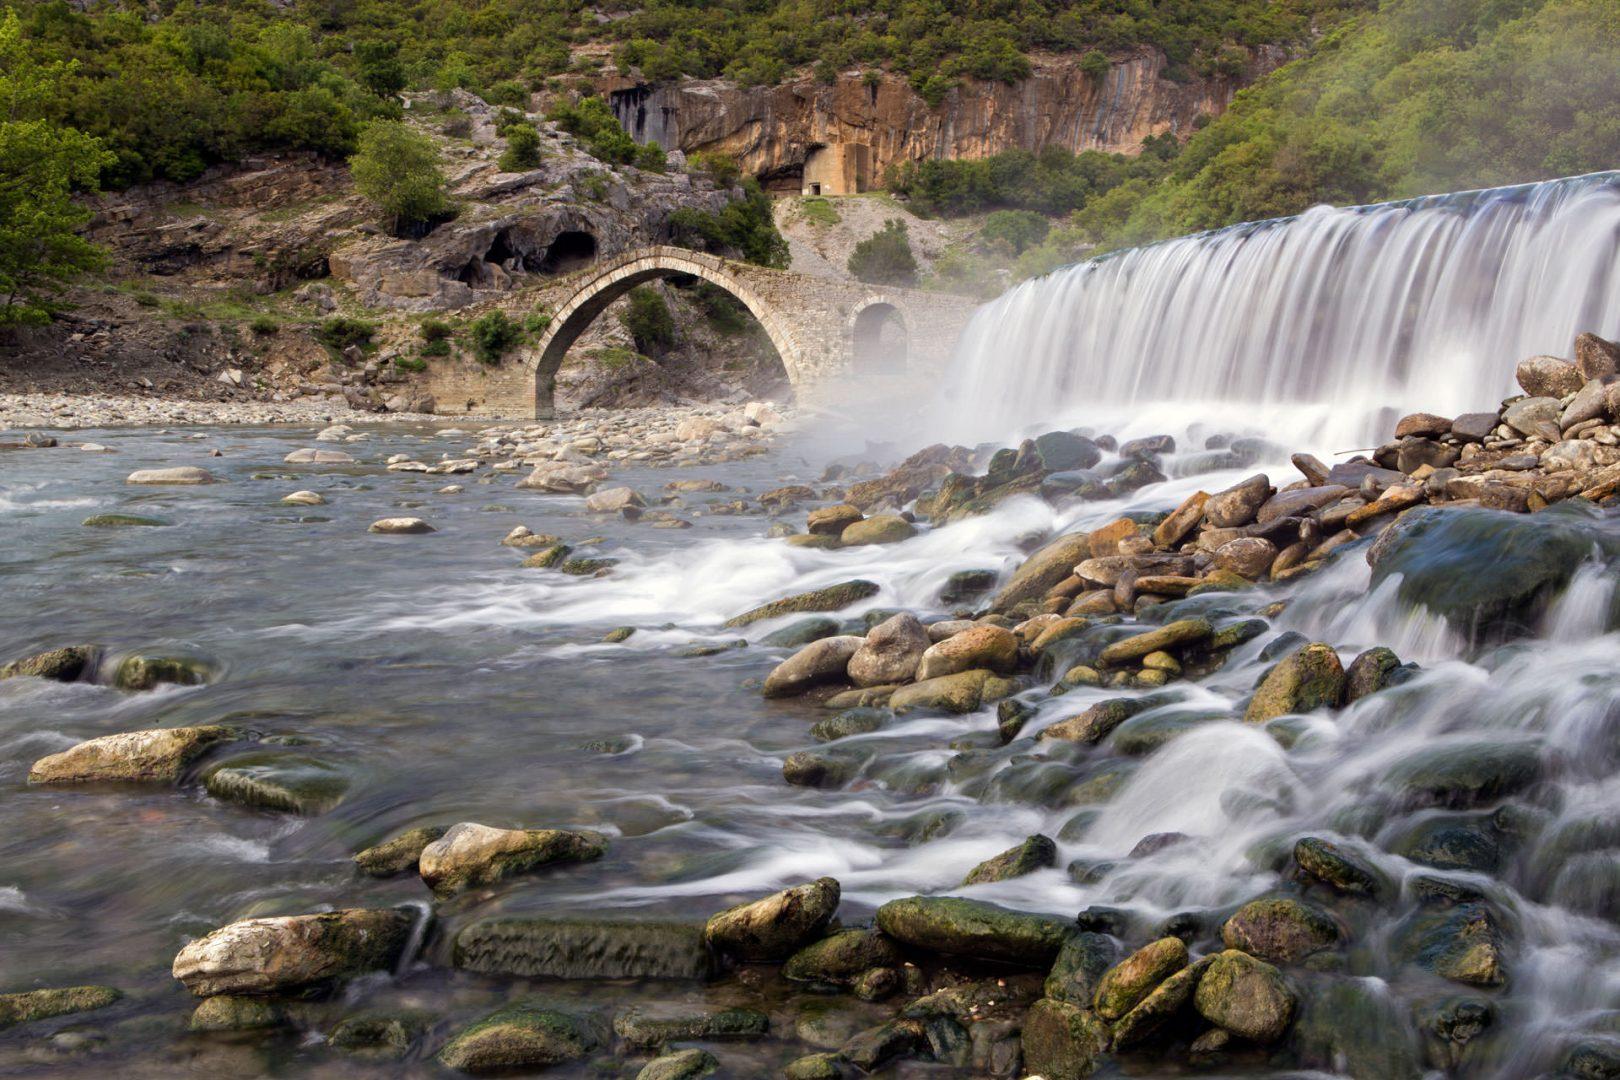 UJËRAT TERMALE BËNJË - Visit Gjirokastra Albania, official tourism page of Gjirokastra region